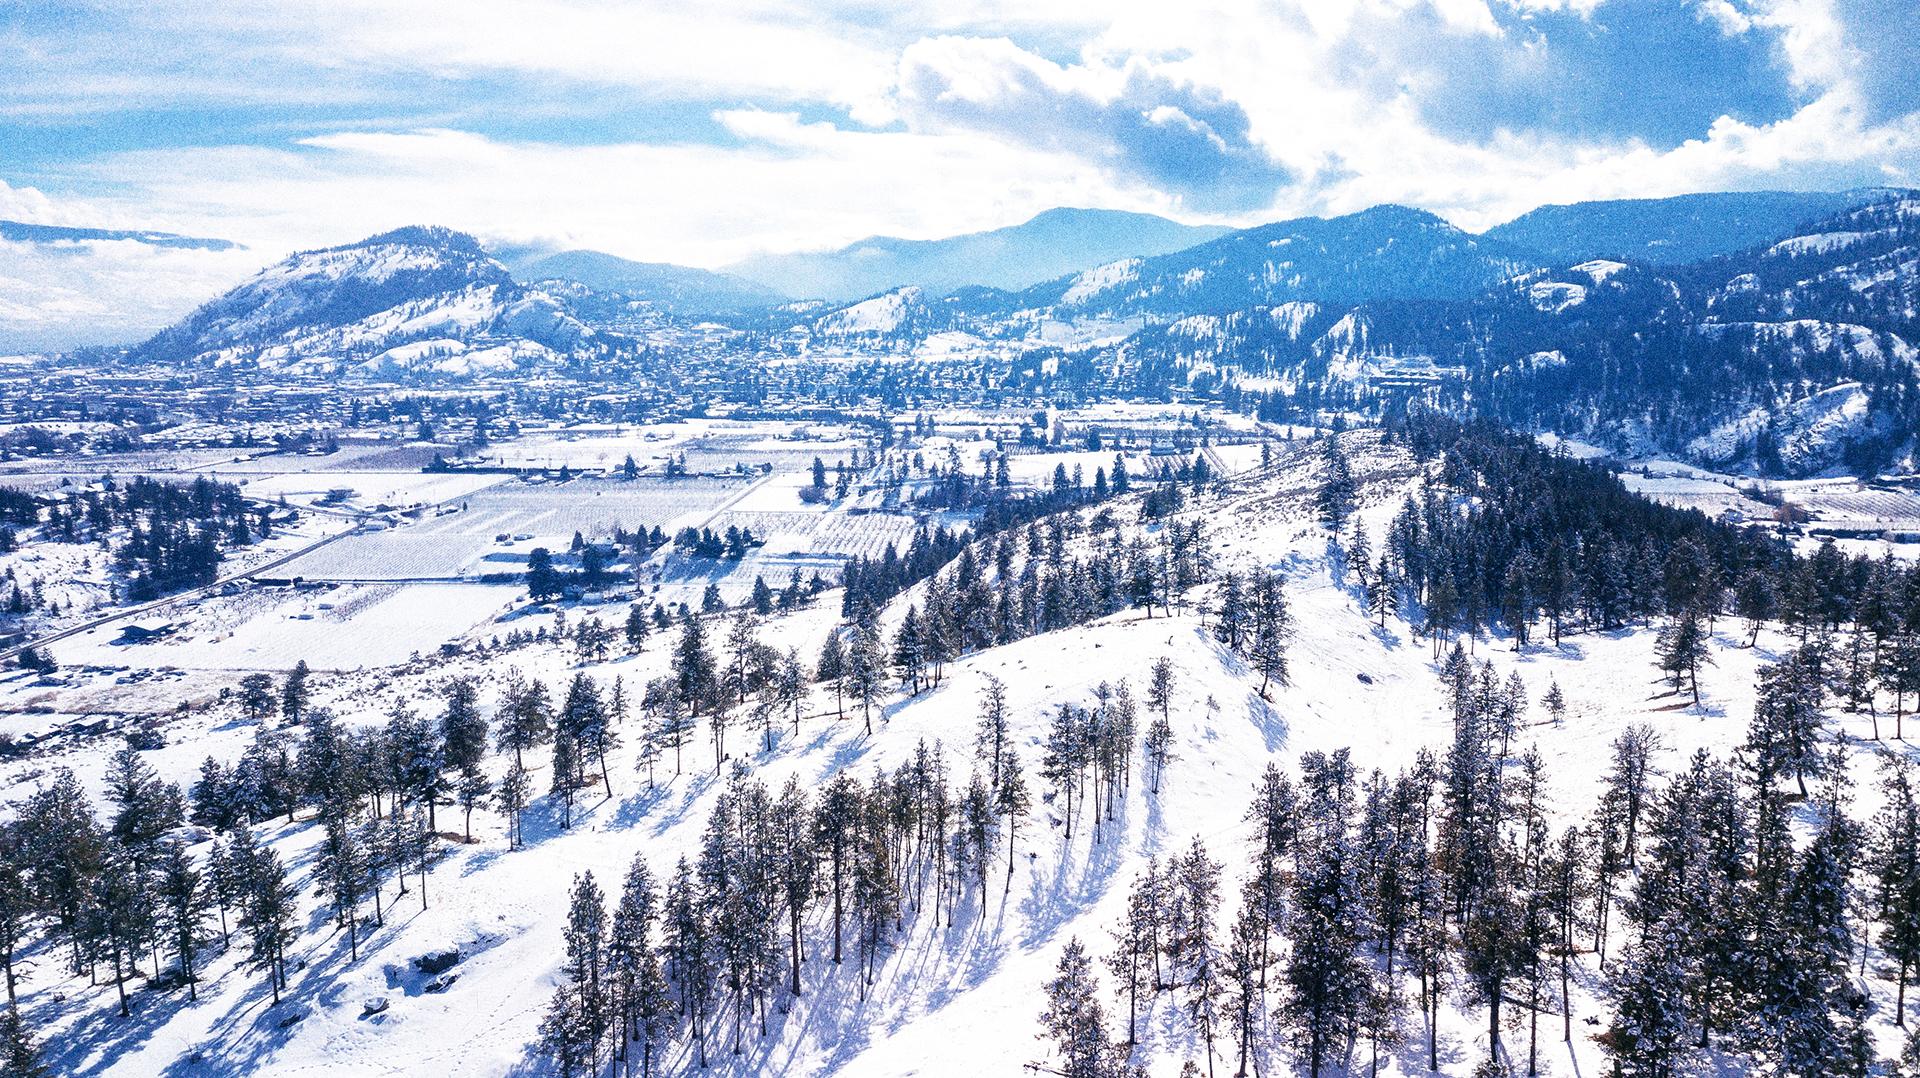 Winter in HuntersHill Summerland